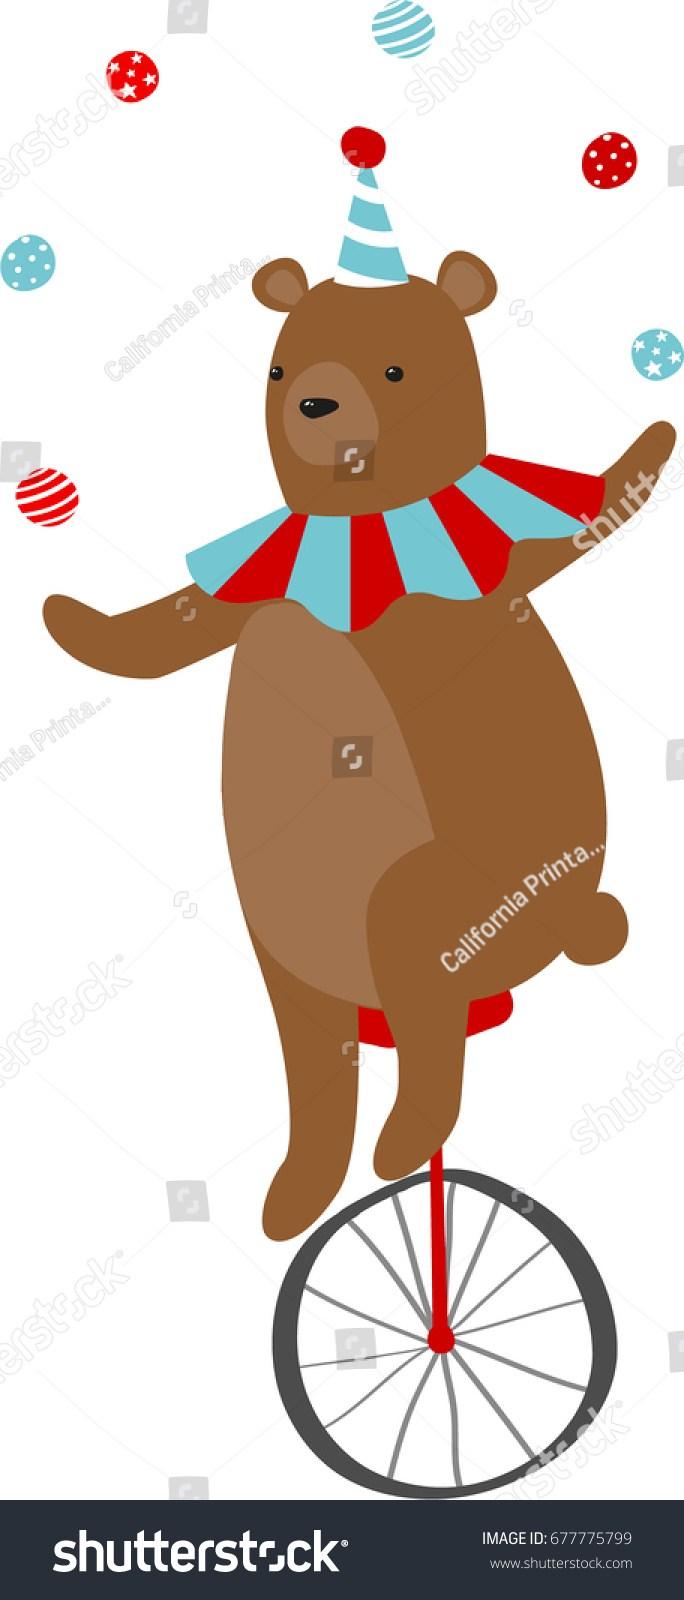 Circus bear clipart 6 » Clipart Portal.